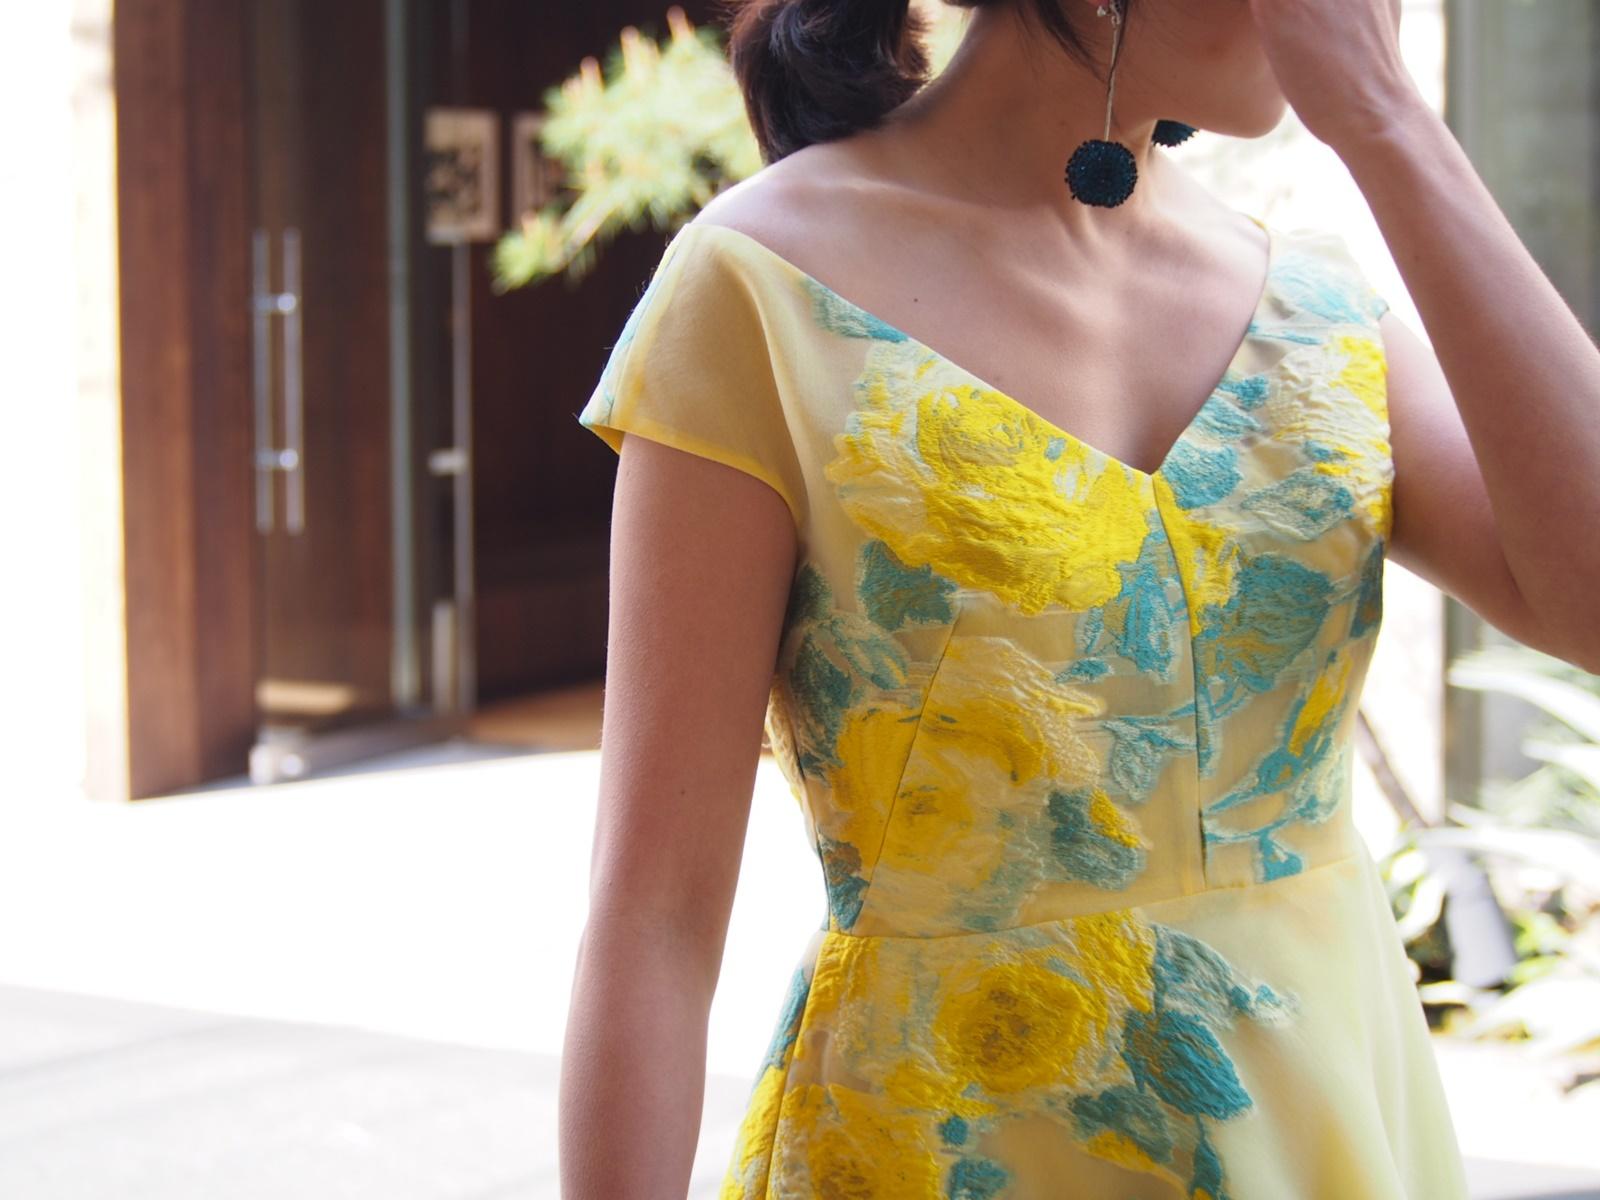 大柄の花が刺繍されたVネックの黄色のドレスは春の結婚式やパーティーにおすすめのおしゃれなレンタルパーティードレス